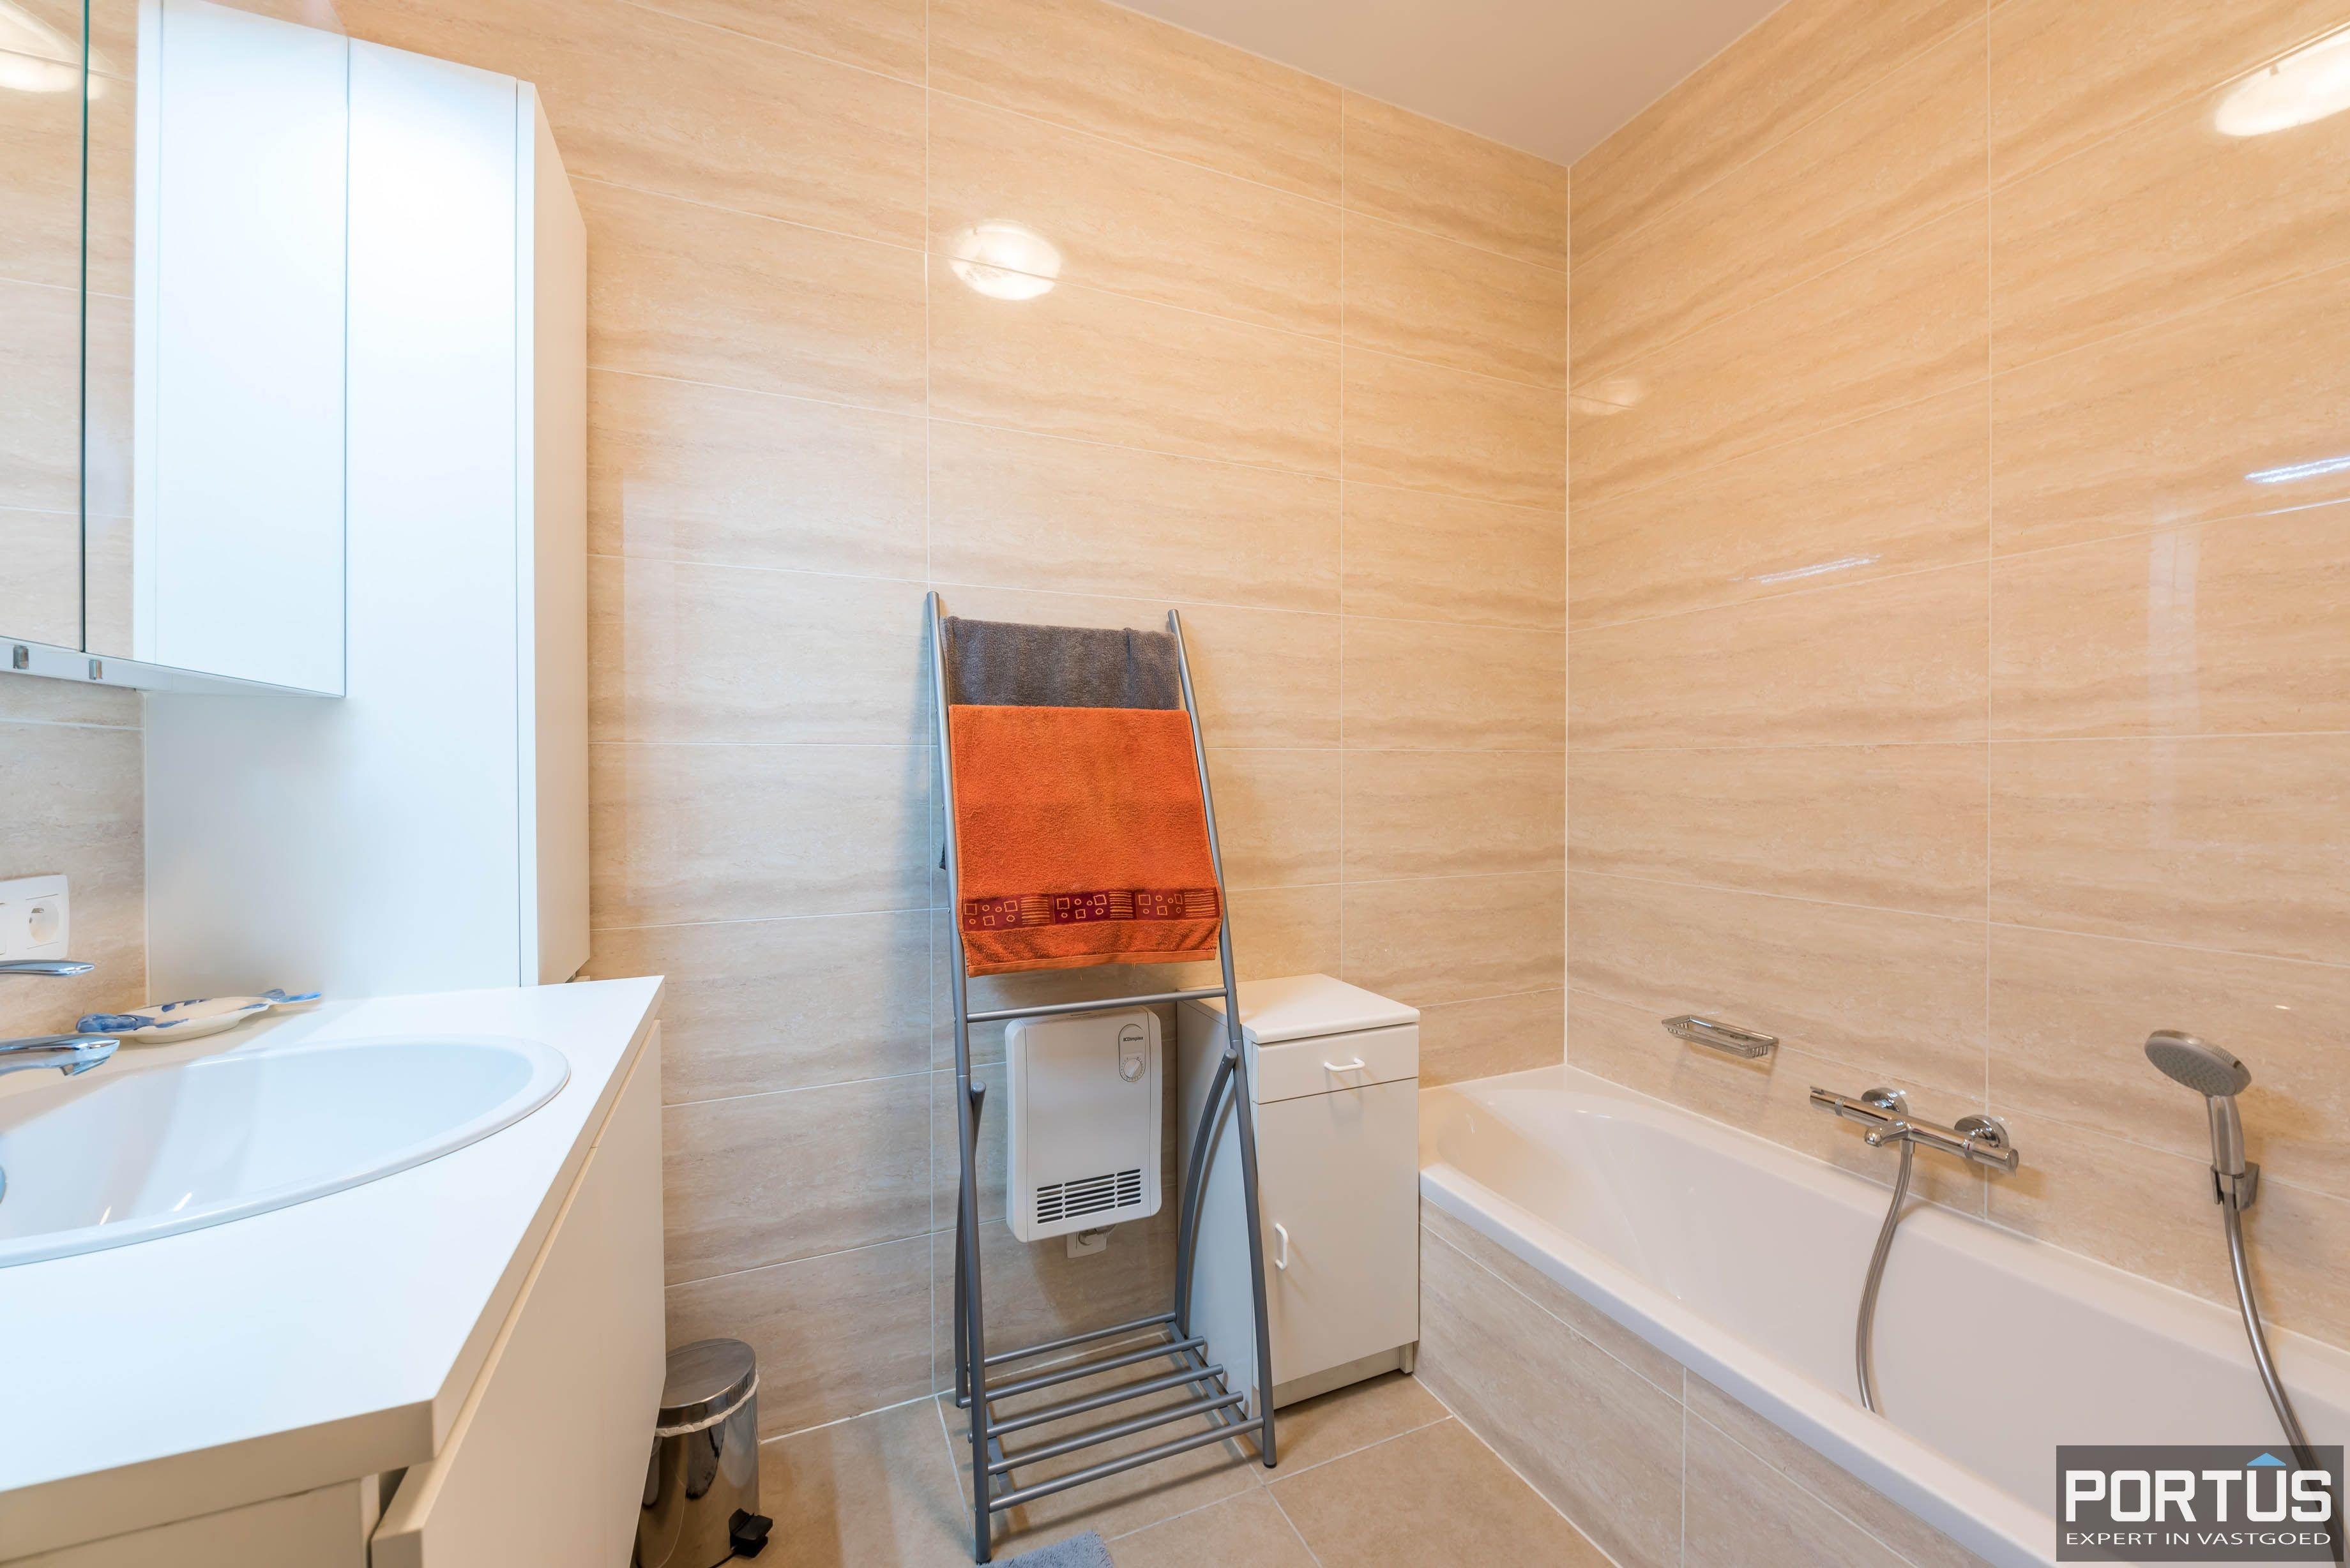 Appartement met 2 slaapkamers te koop Nieuwpoort - 5557